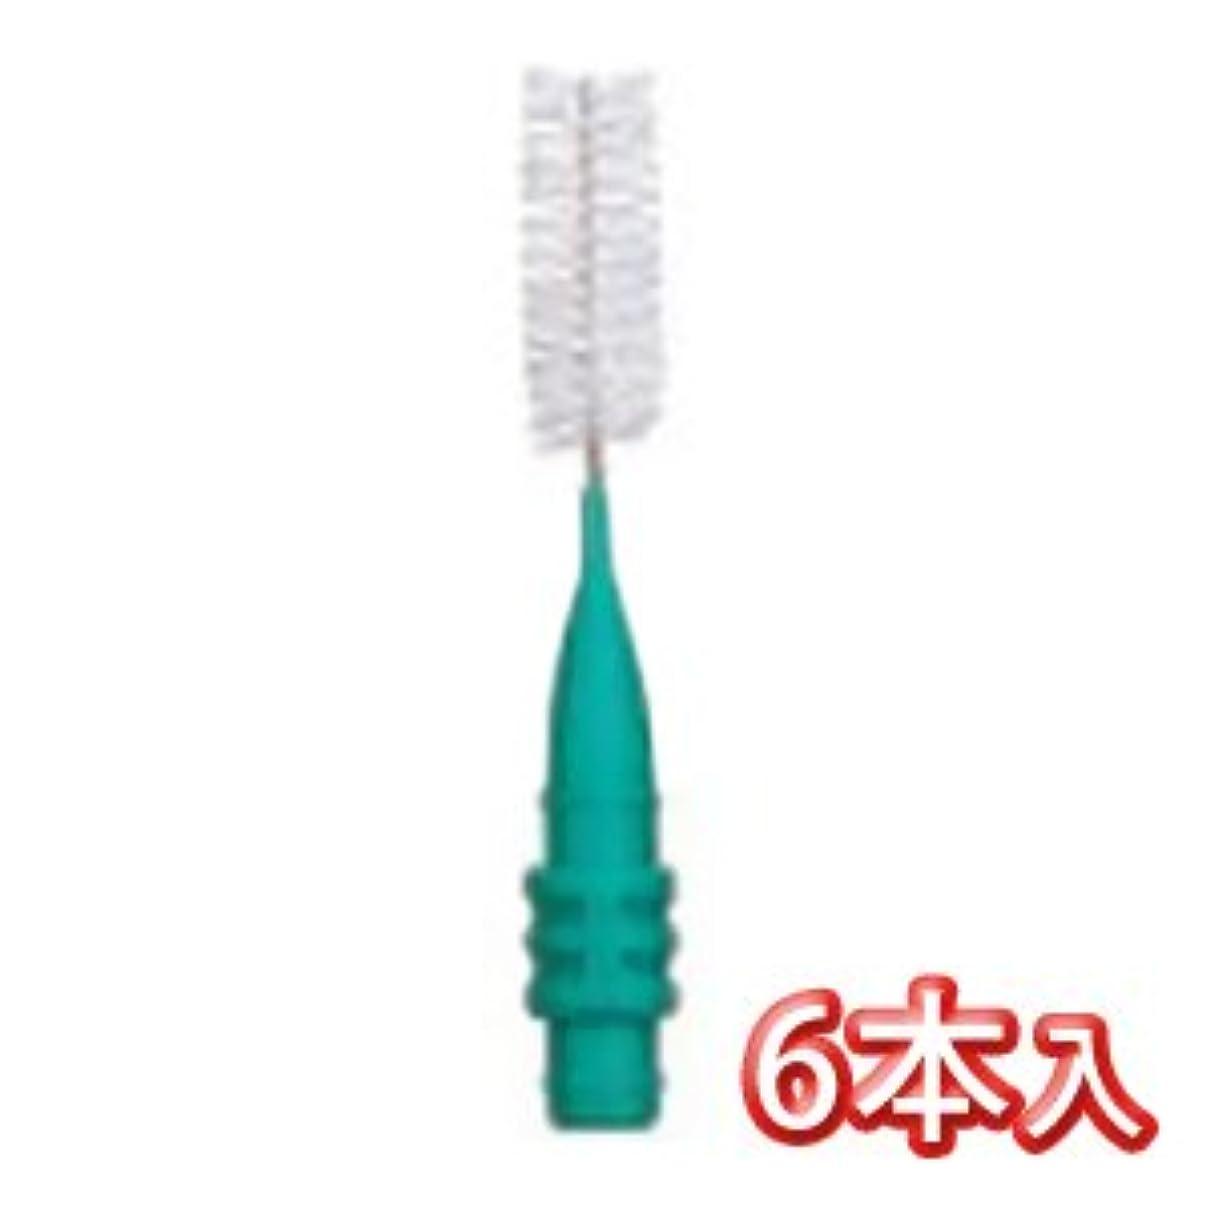 常習的すずめ上プロスペック 歯間ブラシ2 スペアーブラシ のみ 6本入 LL グリーン